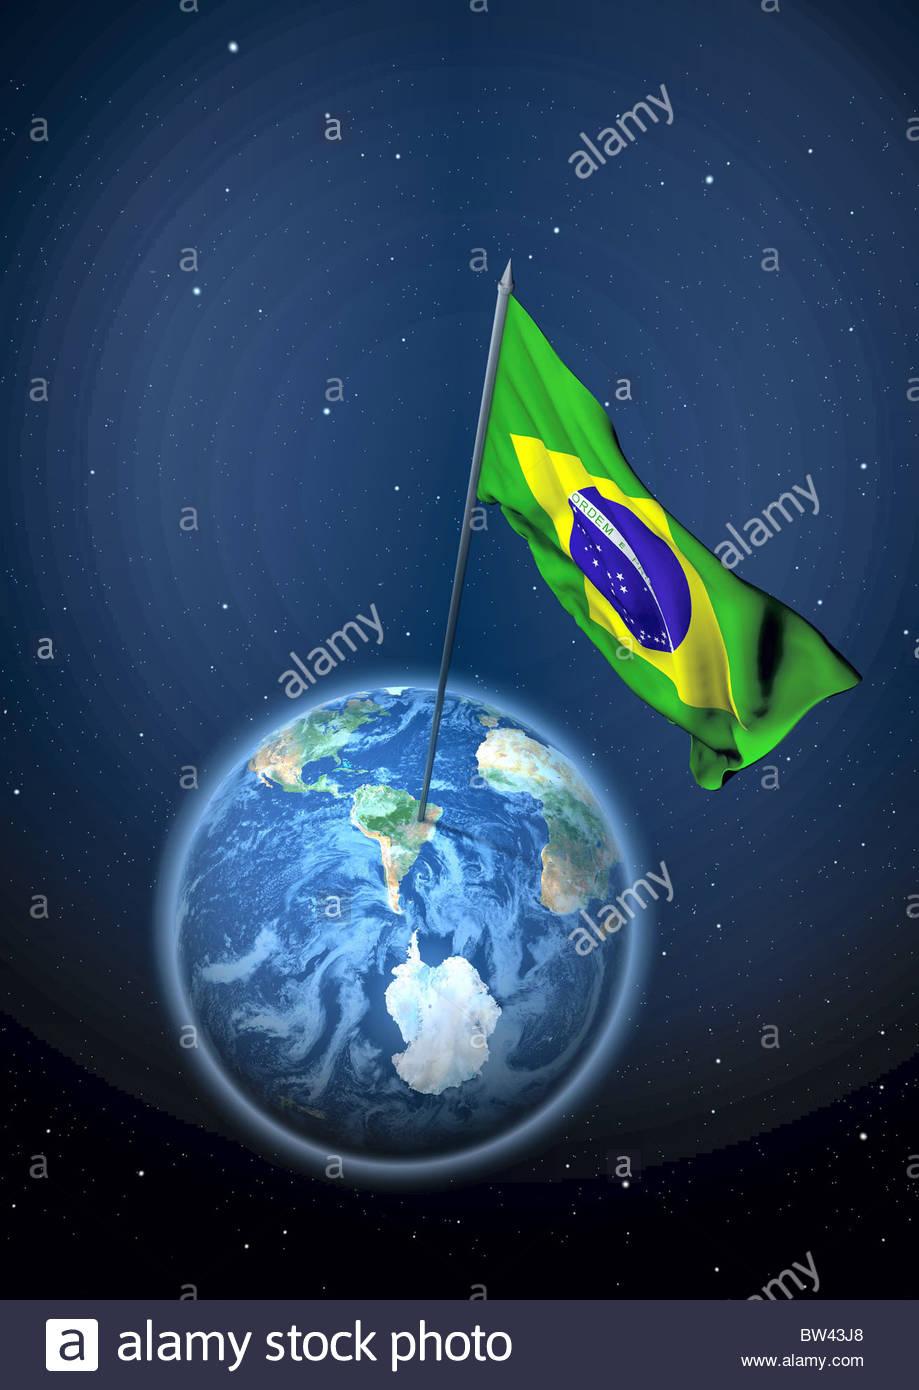 Flag of Brazil - Stock Image